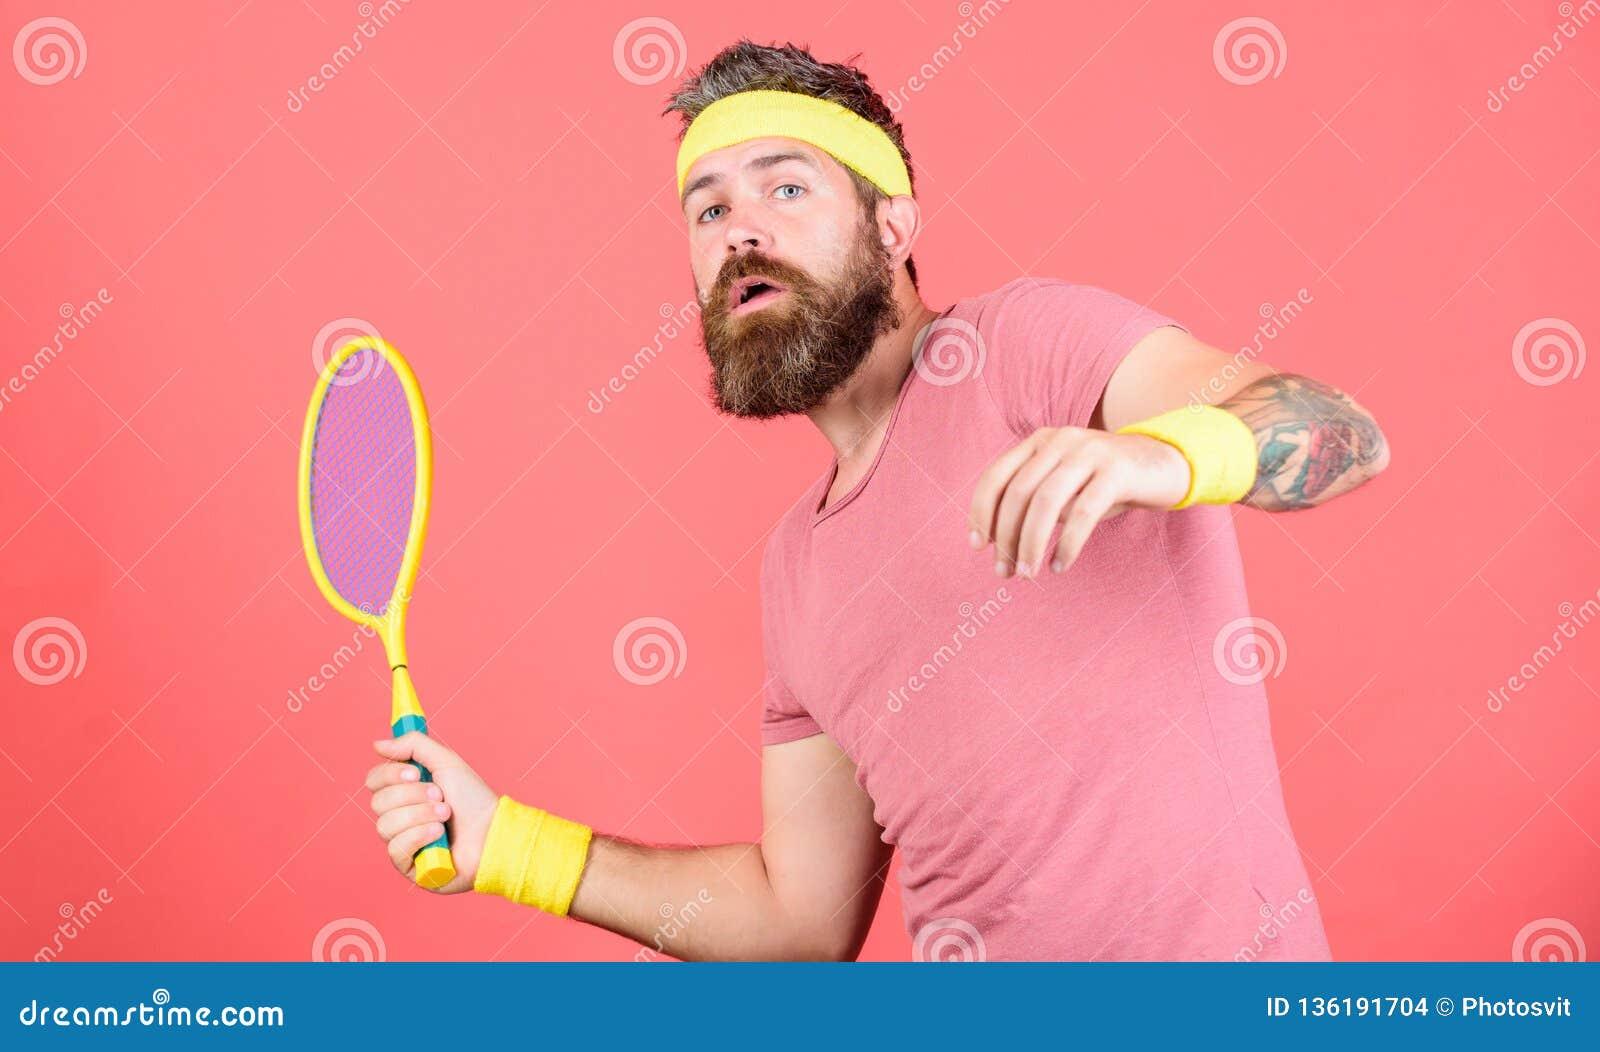 Esporte e entretenimento do tênis Fundo vermelho da raquete de tênis da posse do moderno do atleta à disposição Desgaste farpado